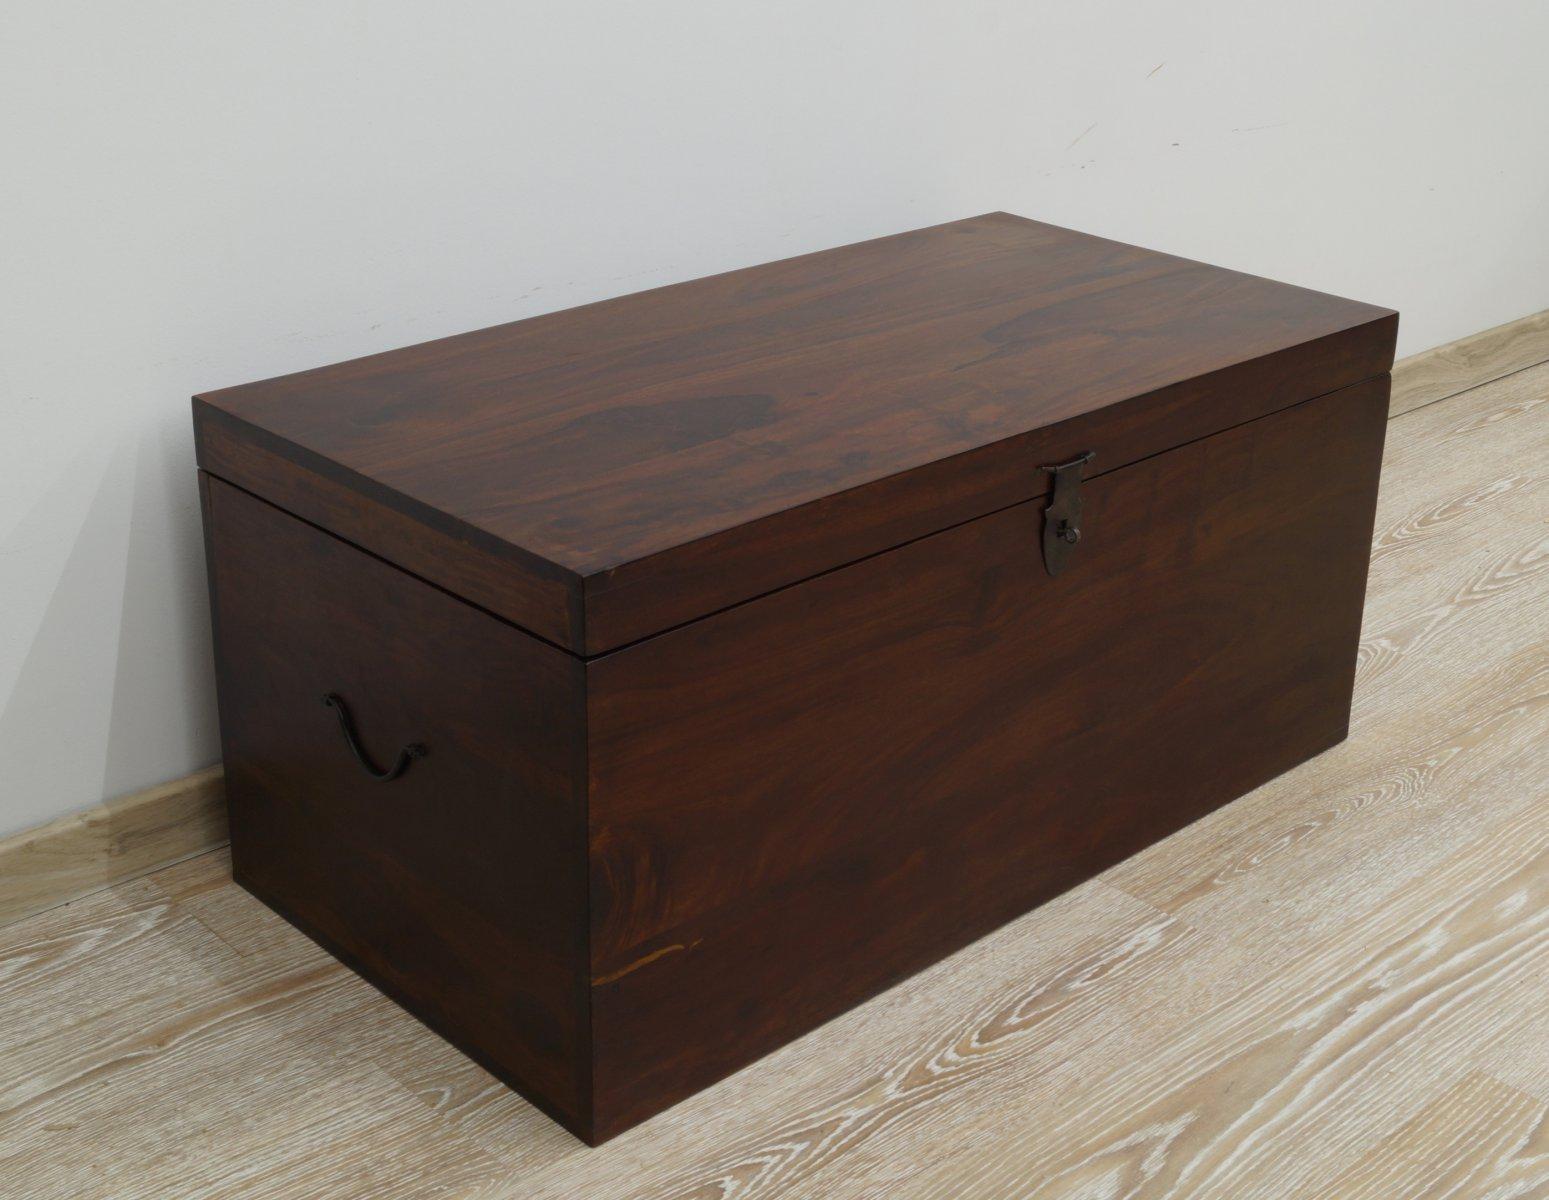 Kufer kolonialny lite drewno palisander indyjski ciemny brąz nowoczesny